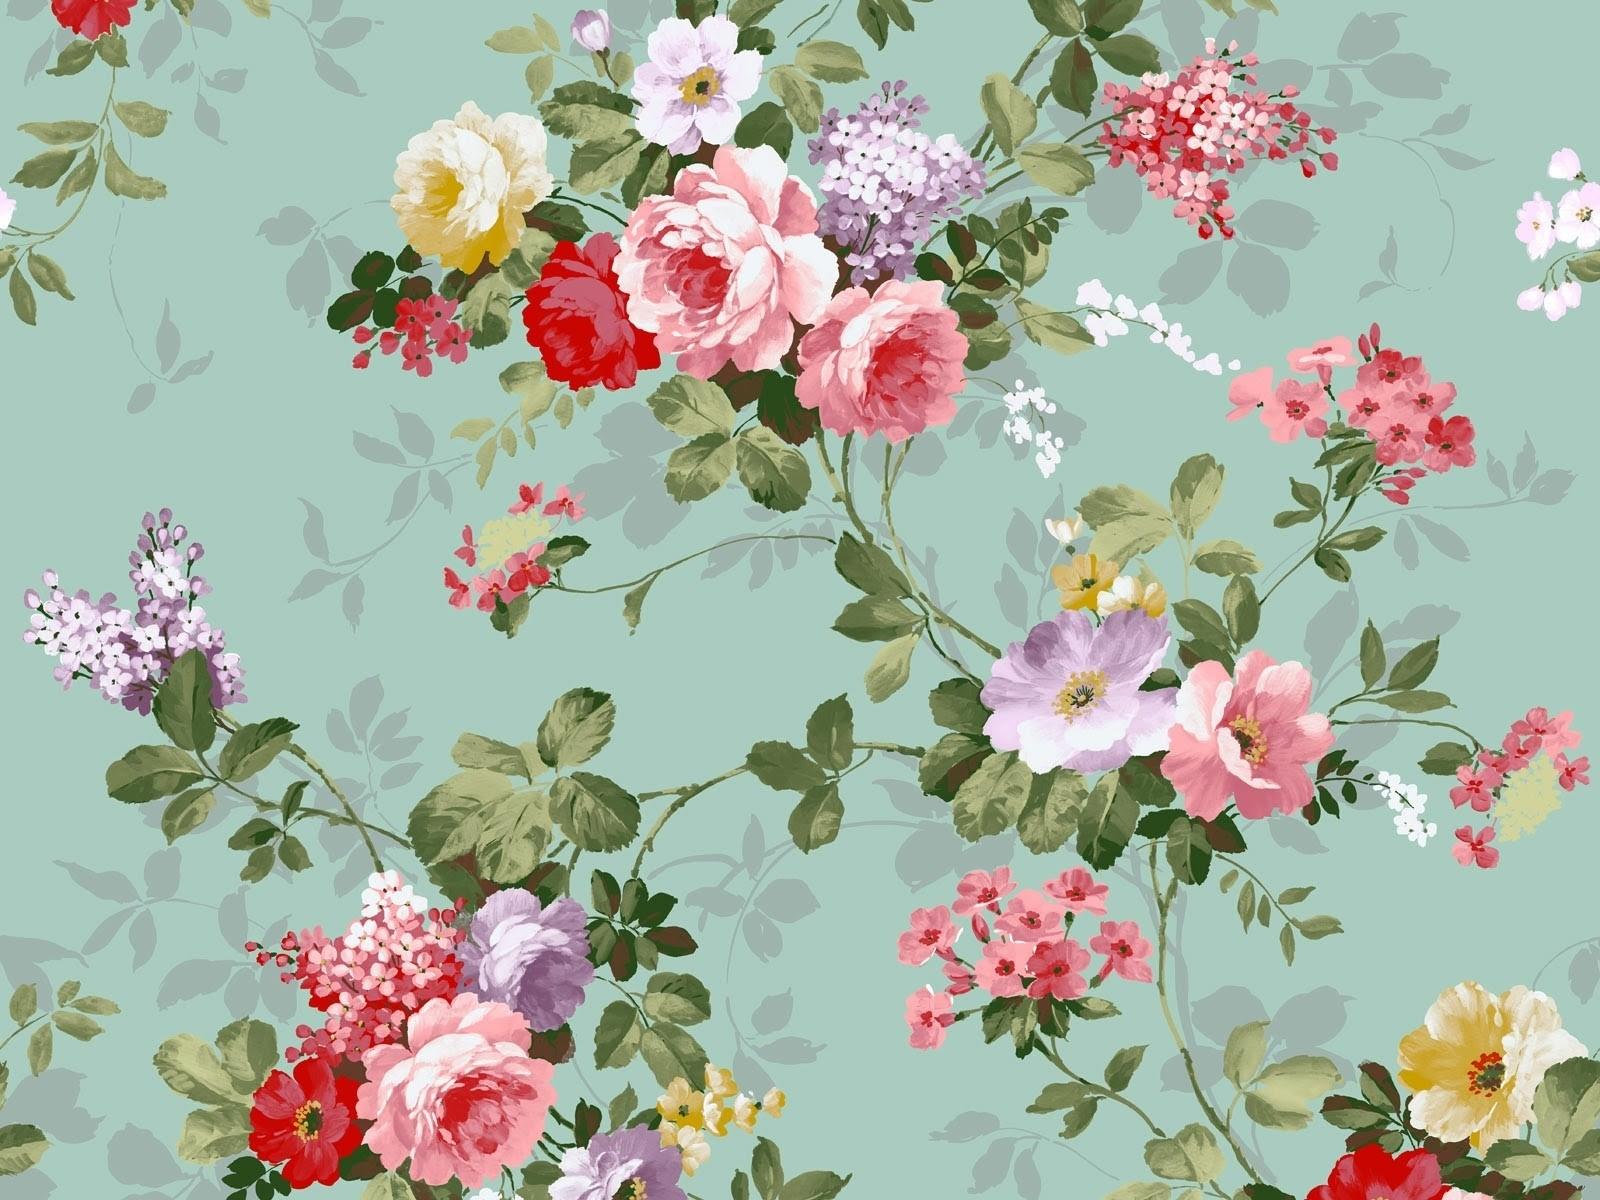 vintage floral background free download #84023 wallpaper download hd